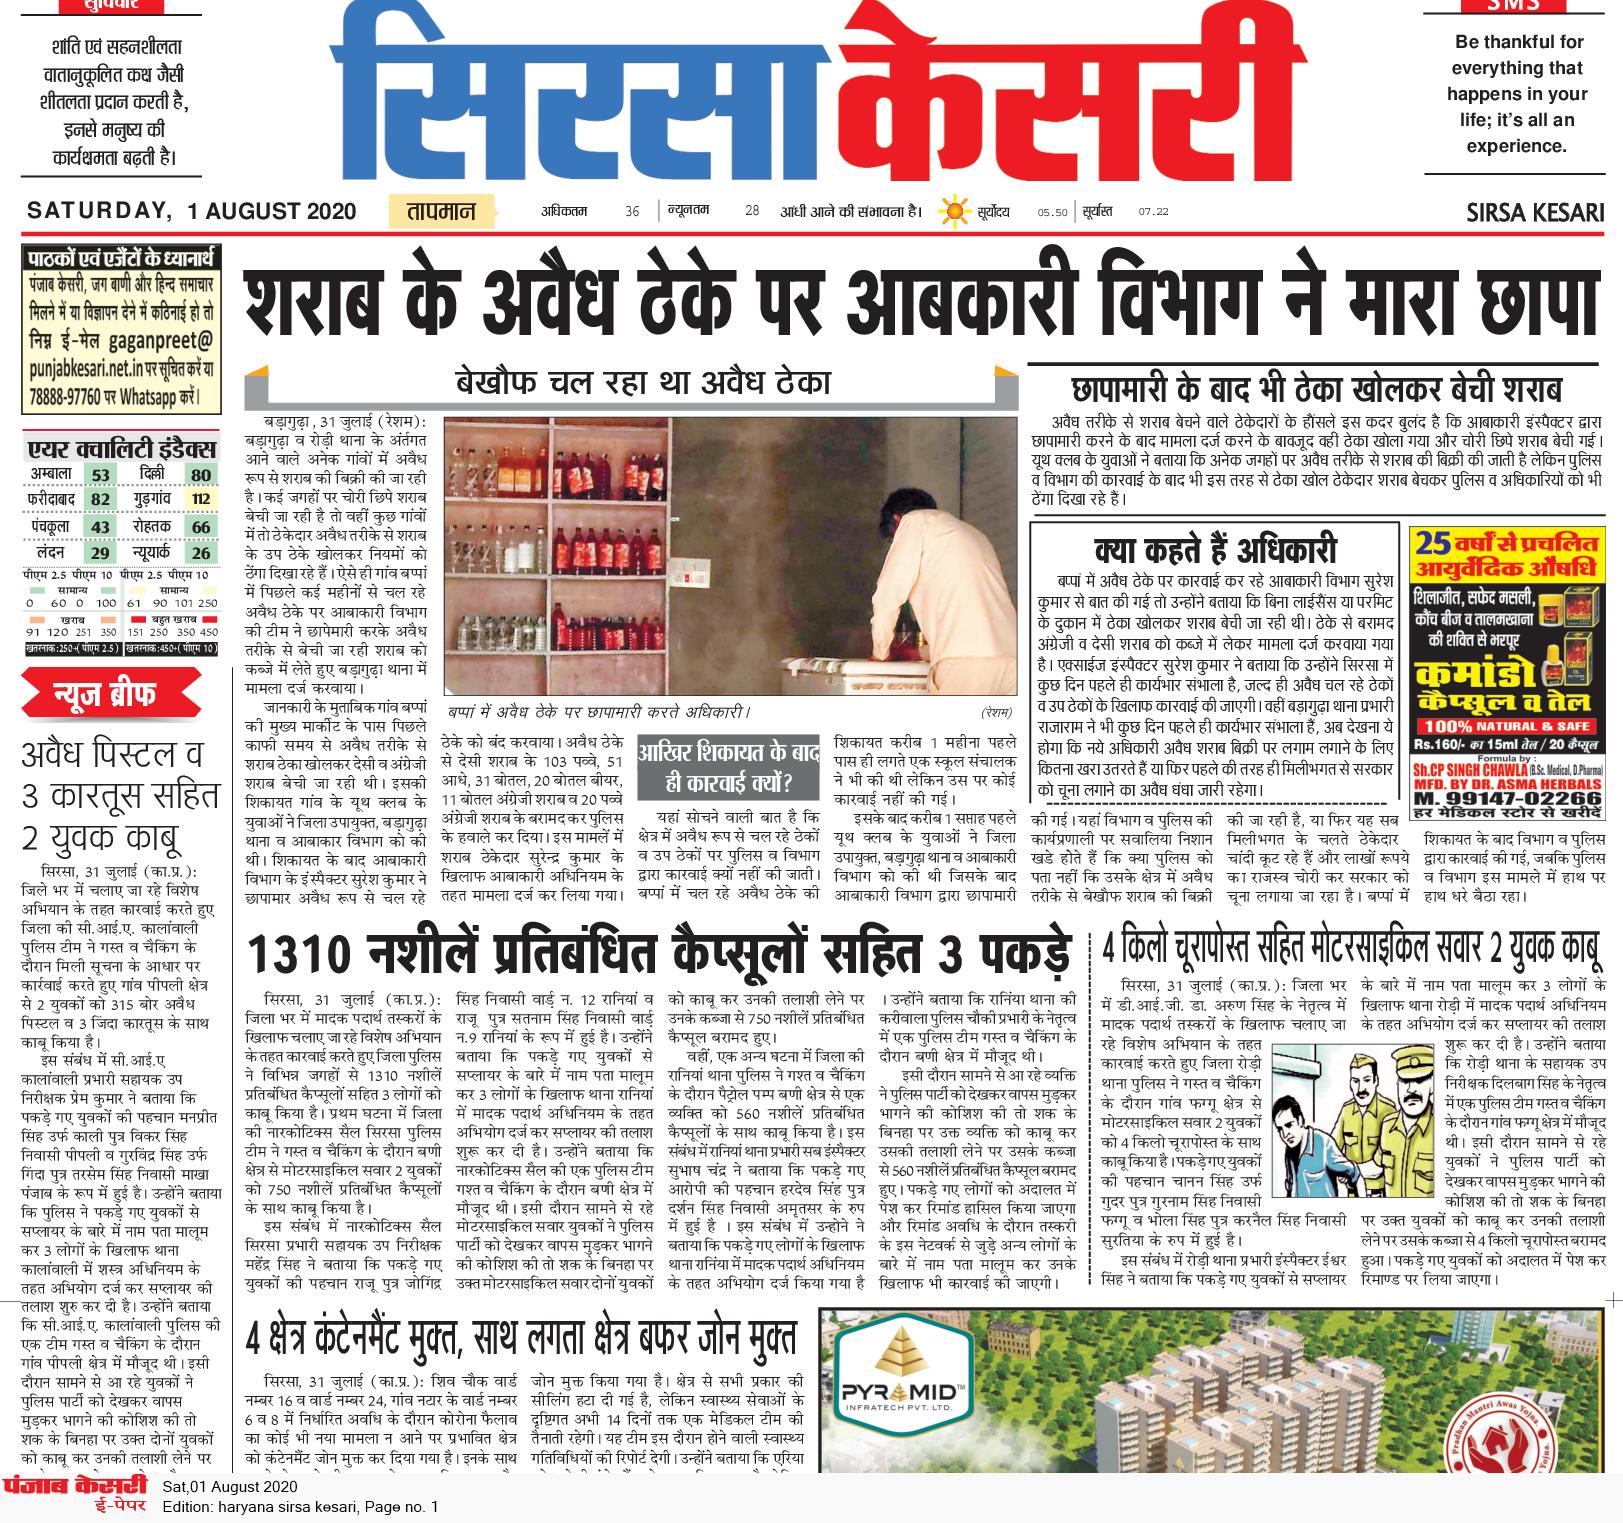 Haryana Sirsa Kesari 8/1/2020 12:00:00 AM